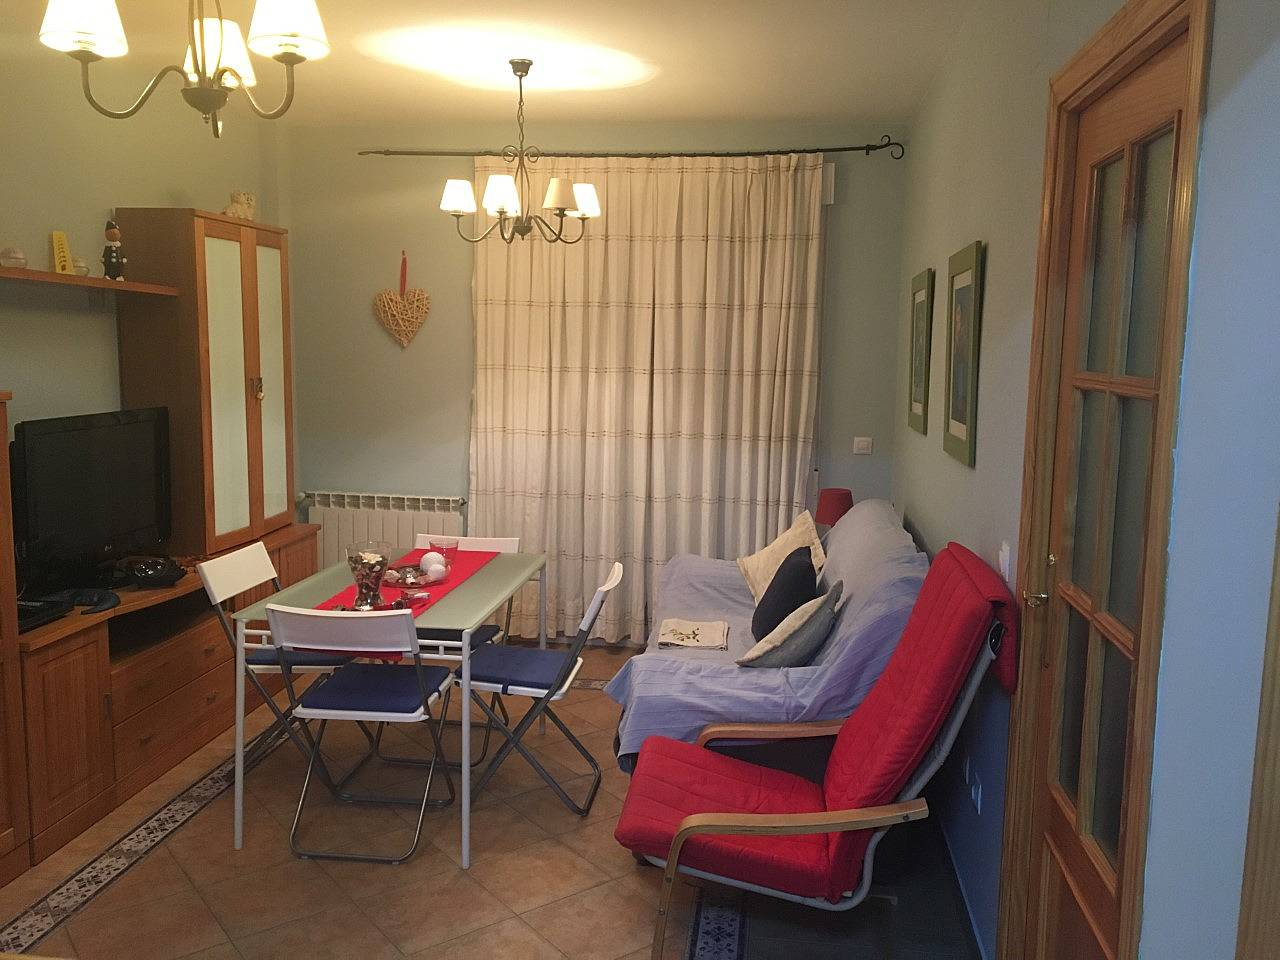 Apartamento en alquiler a 800 m de la playa islantilla lepe lepe huelva costa de la luz - Apartamento en islantilla playa ...